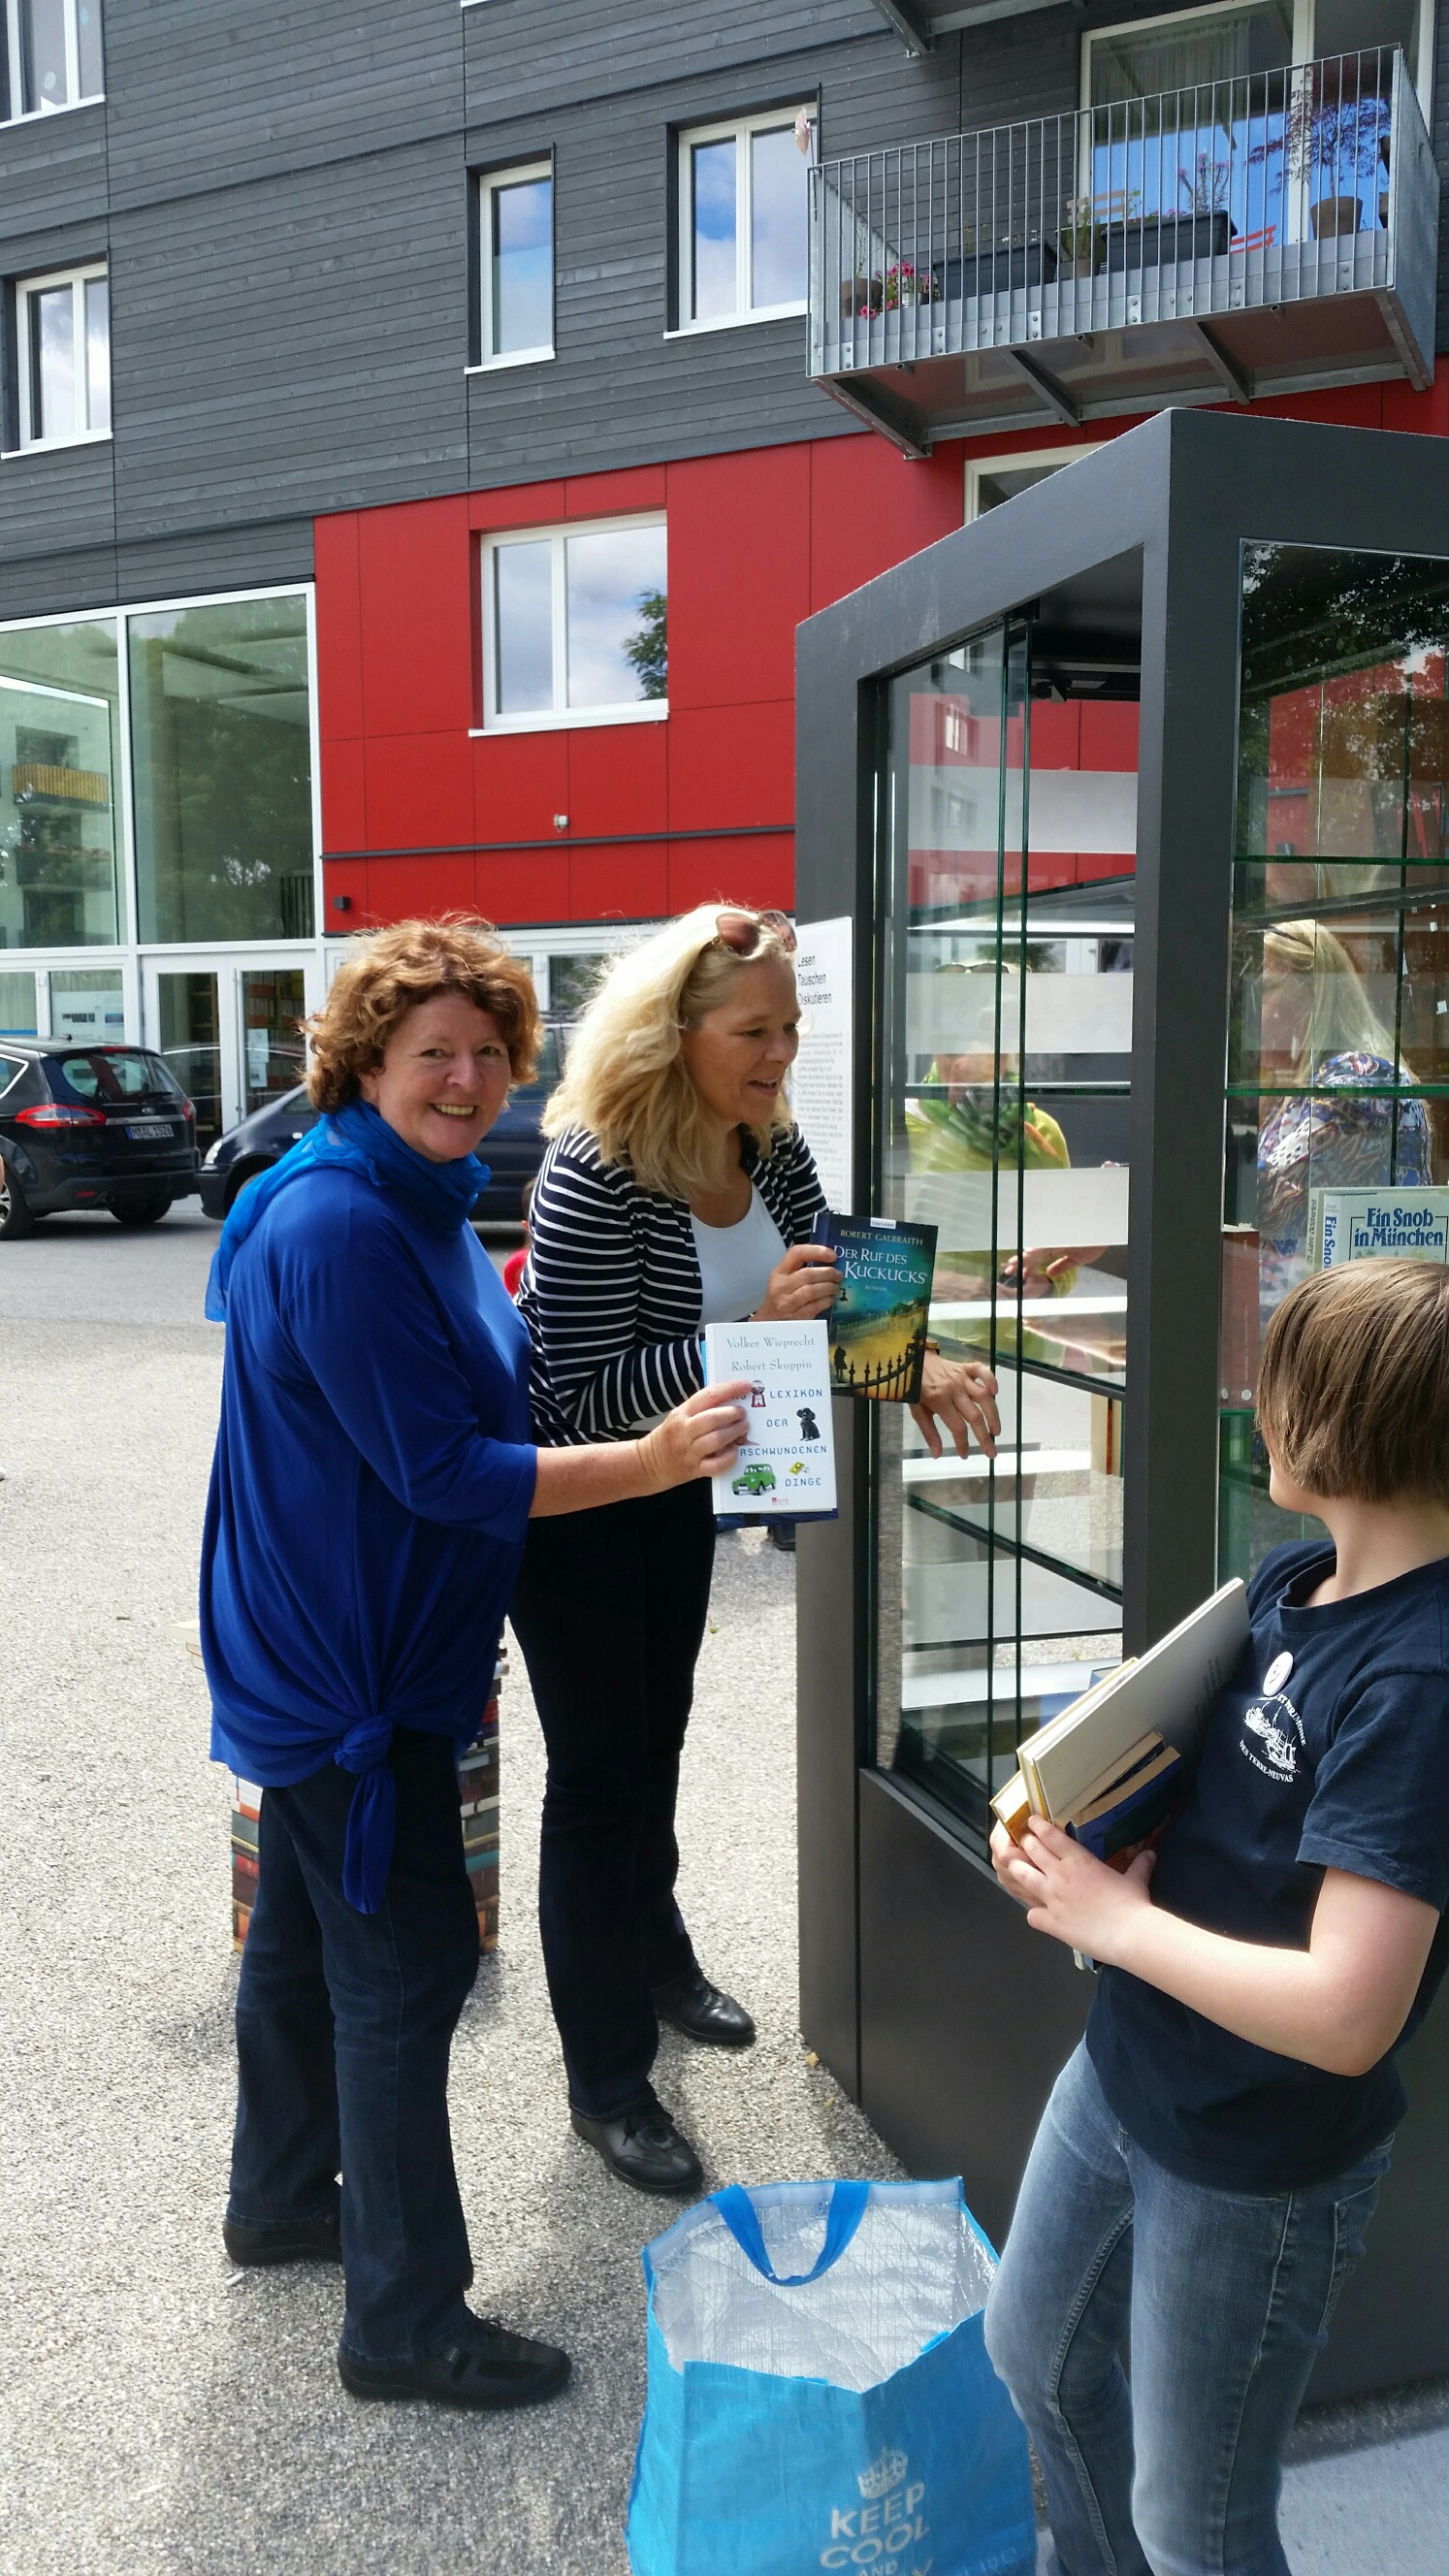 01.07.2017 Bücherschrank am Ackermannbogen